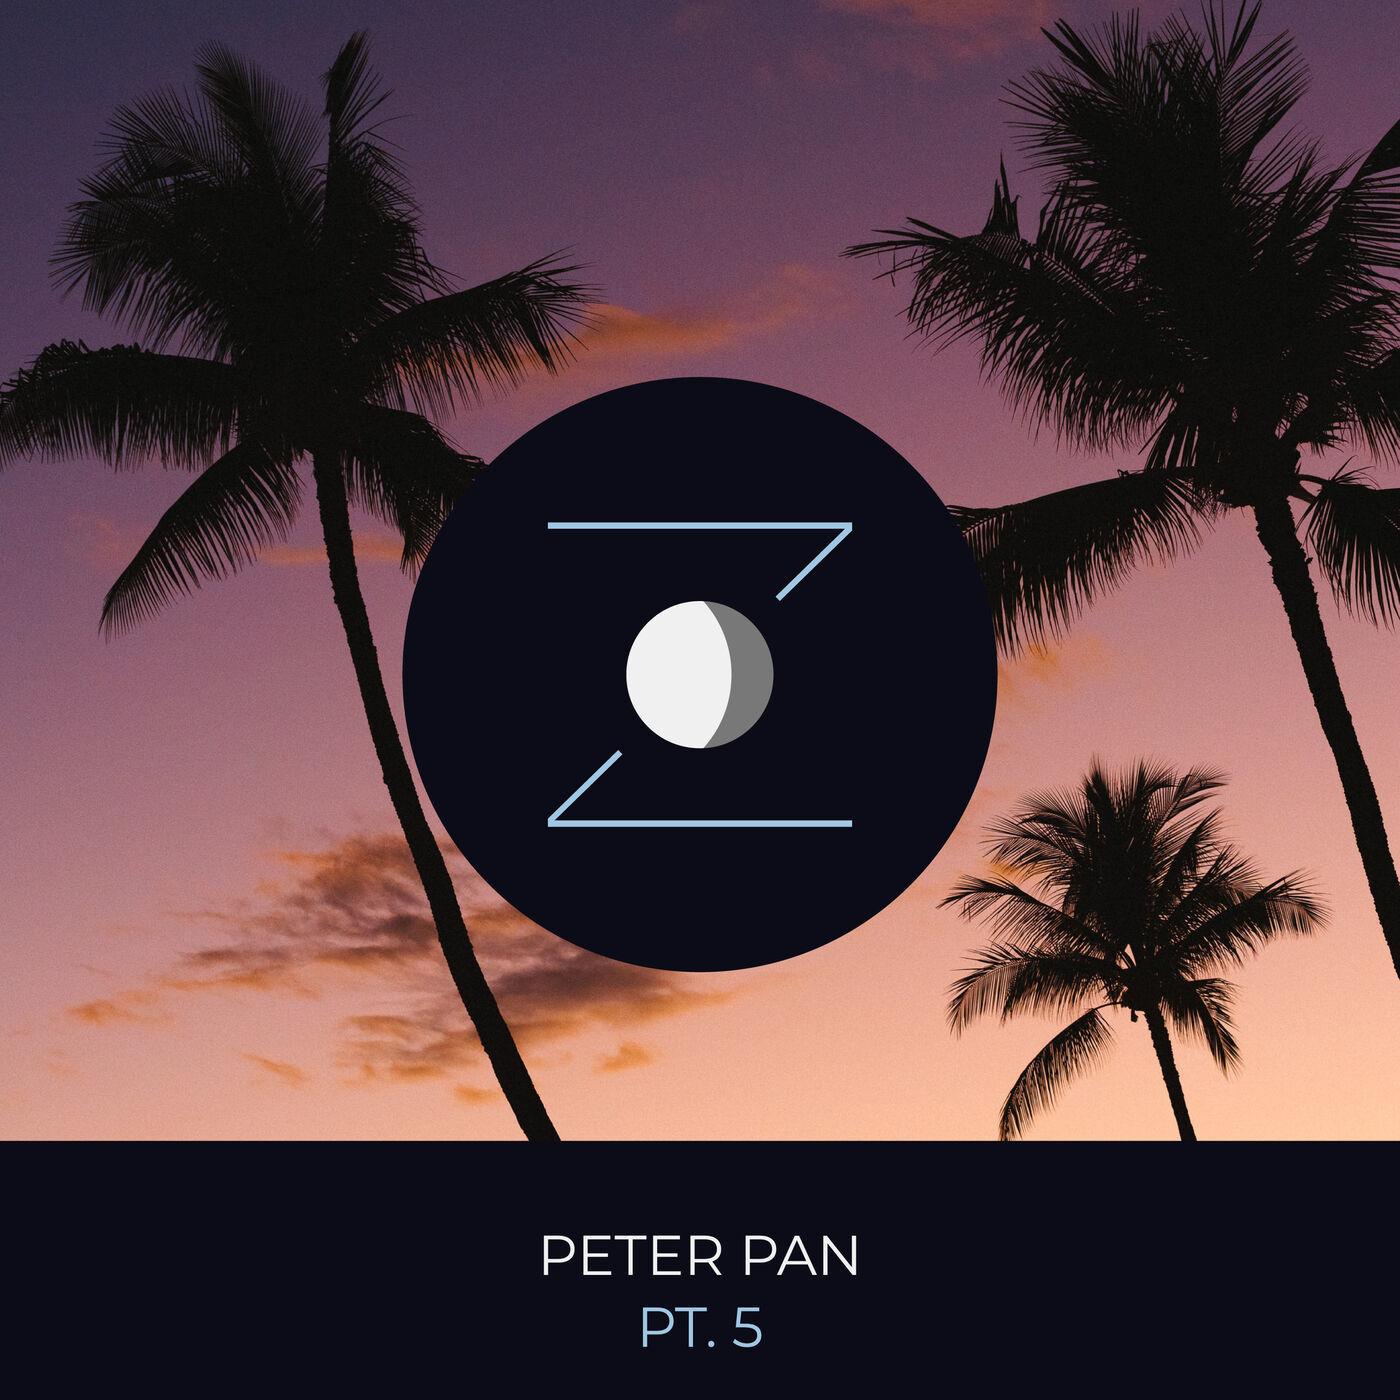 Peter Pan pt. 5